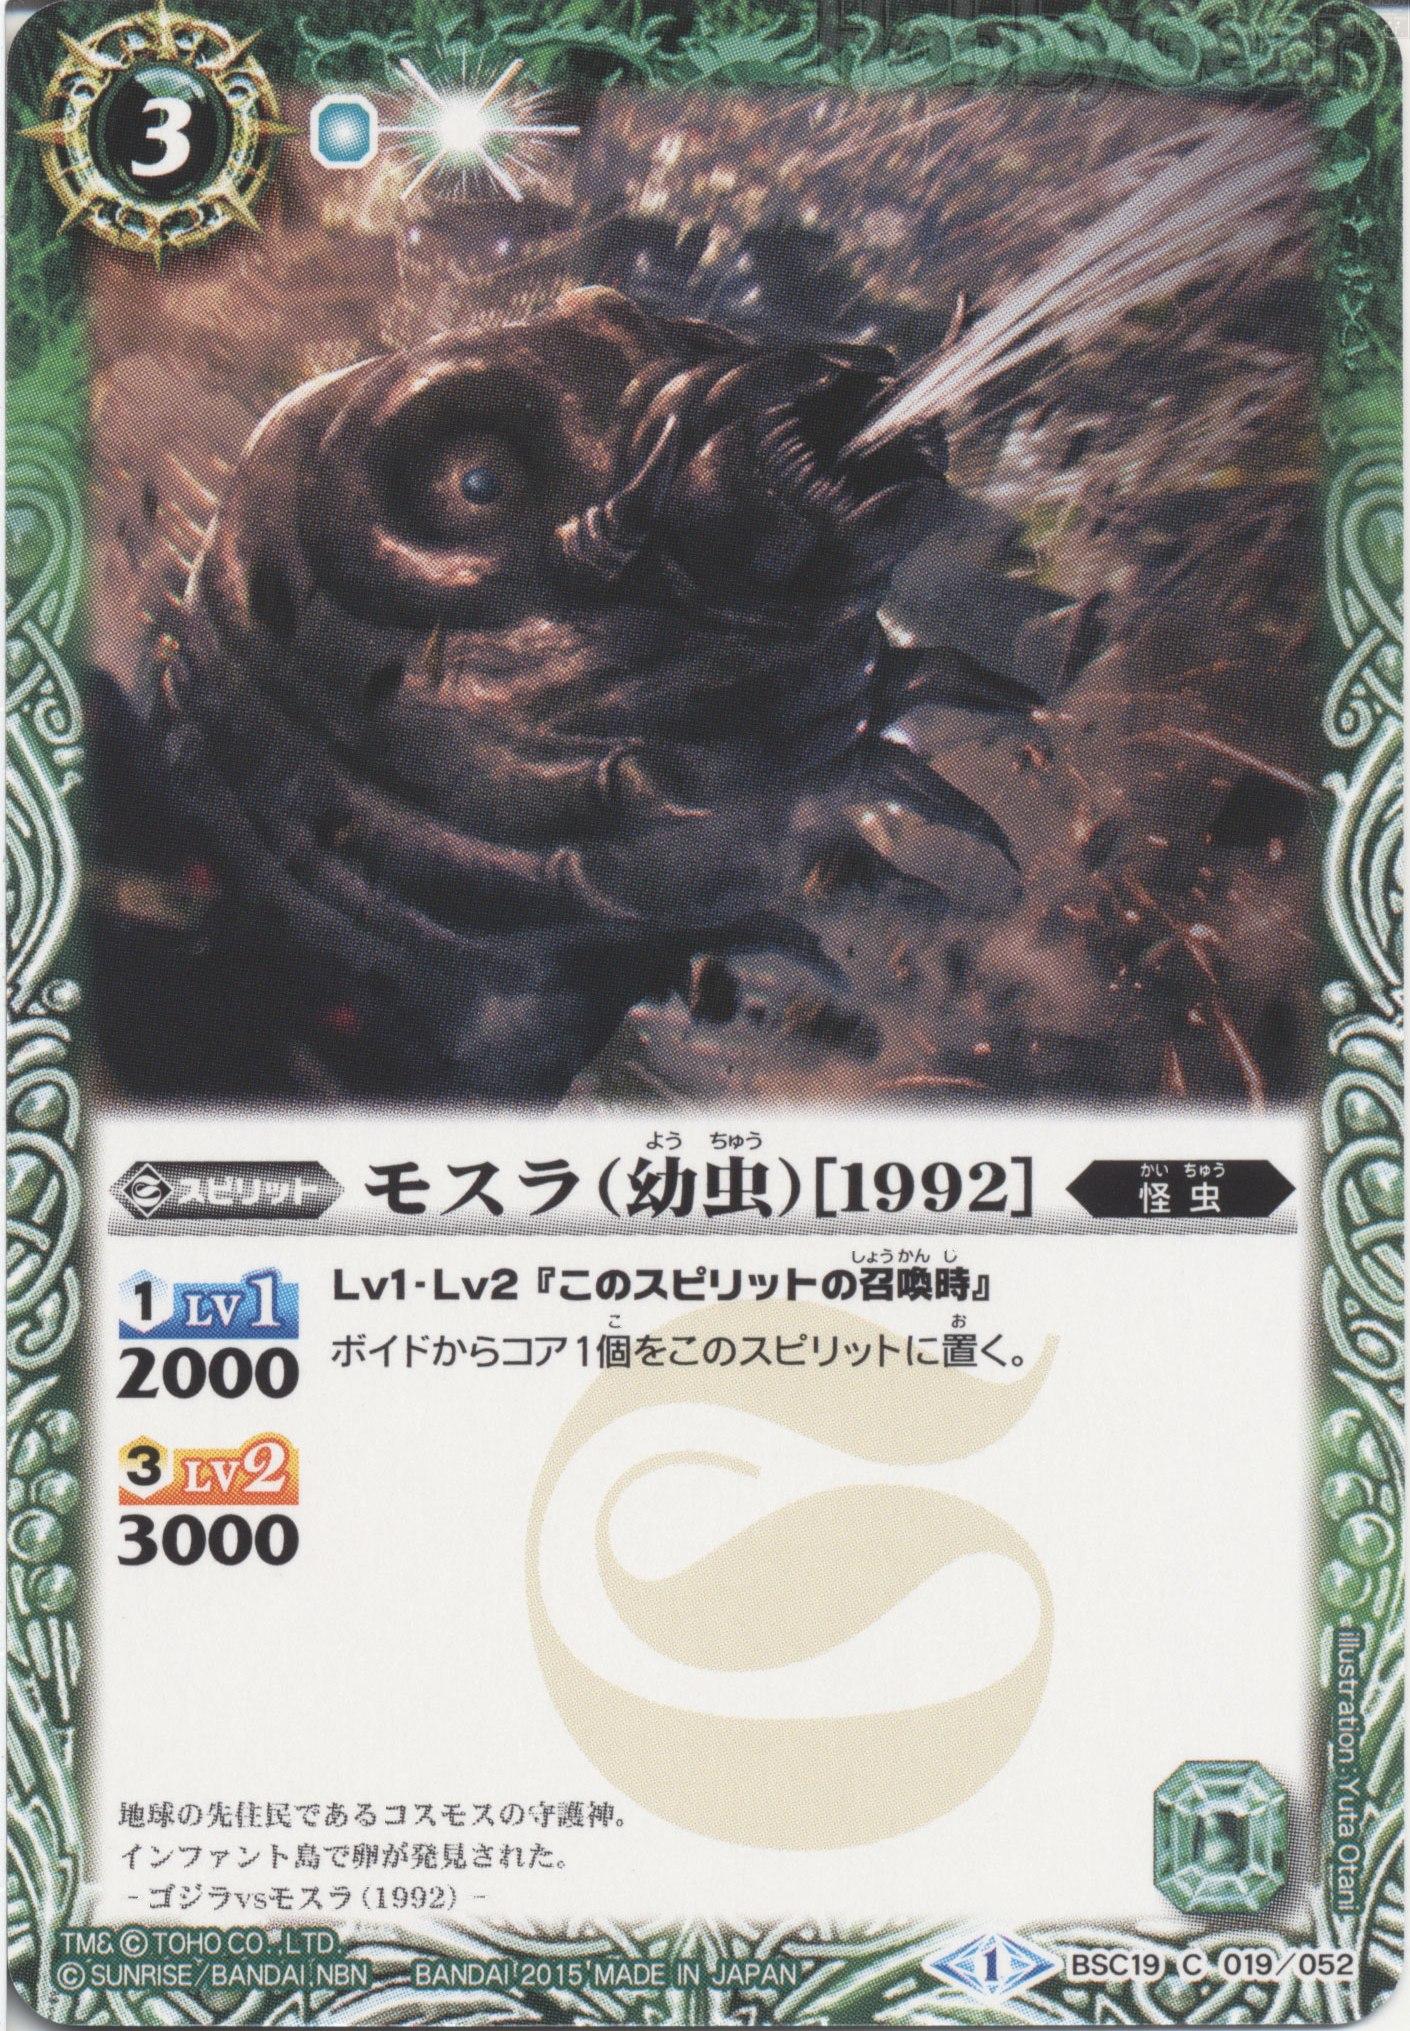 Mothra (Larva Form) (1992)